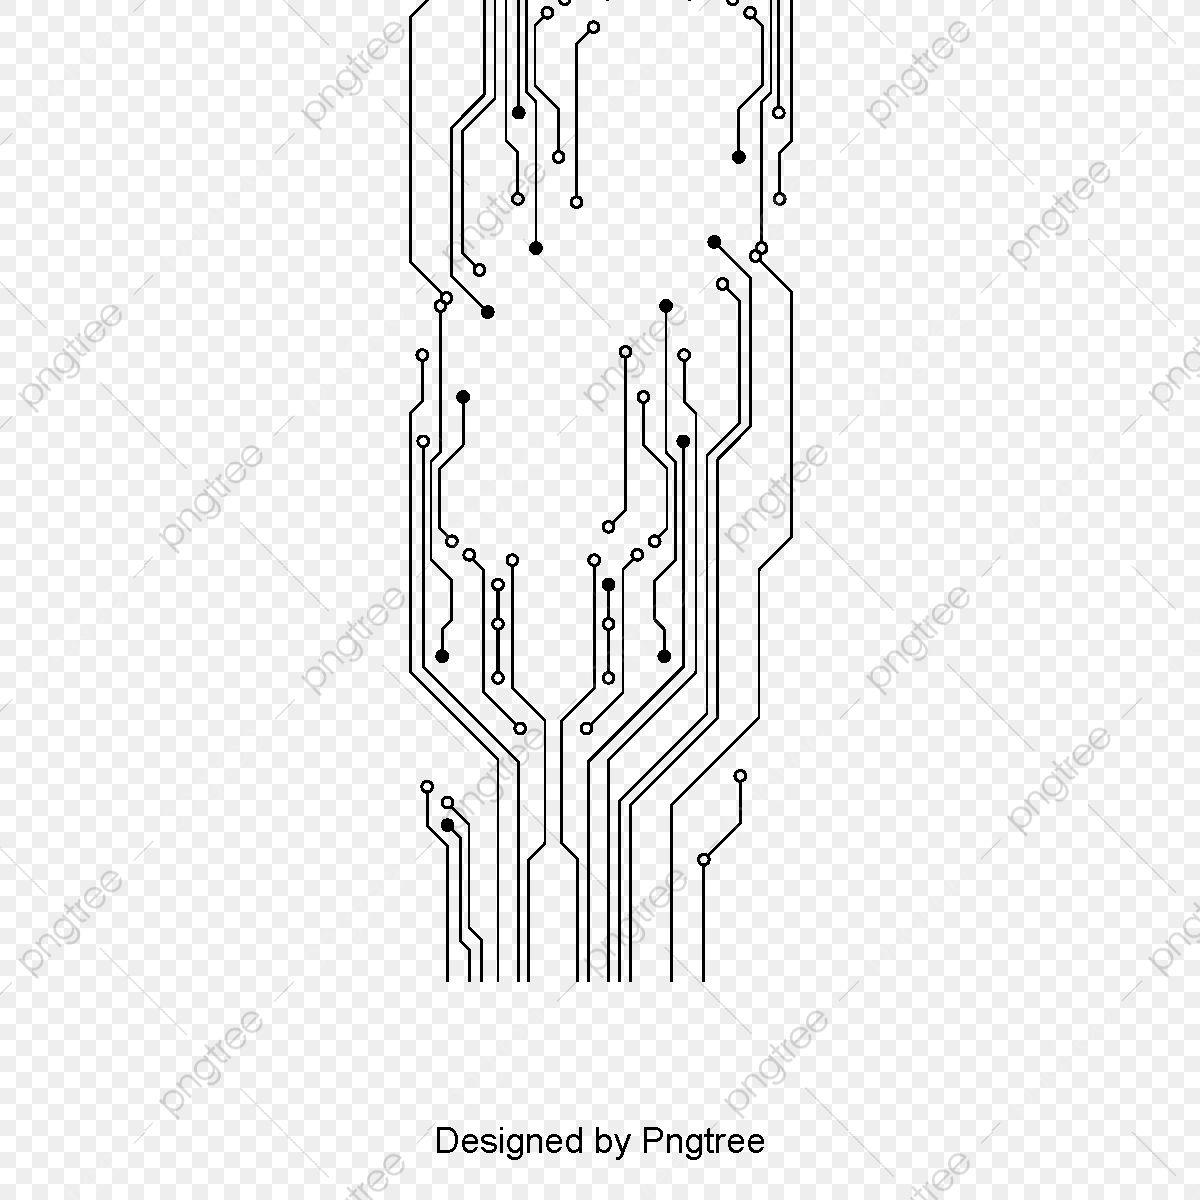 Crearea unei diagrame PowerPoint care arată Tendințe